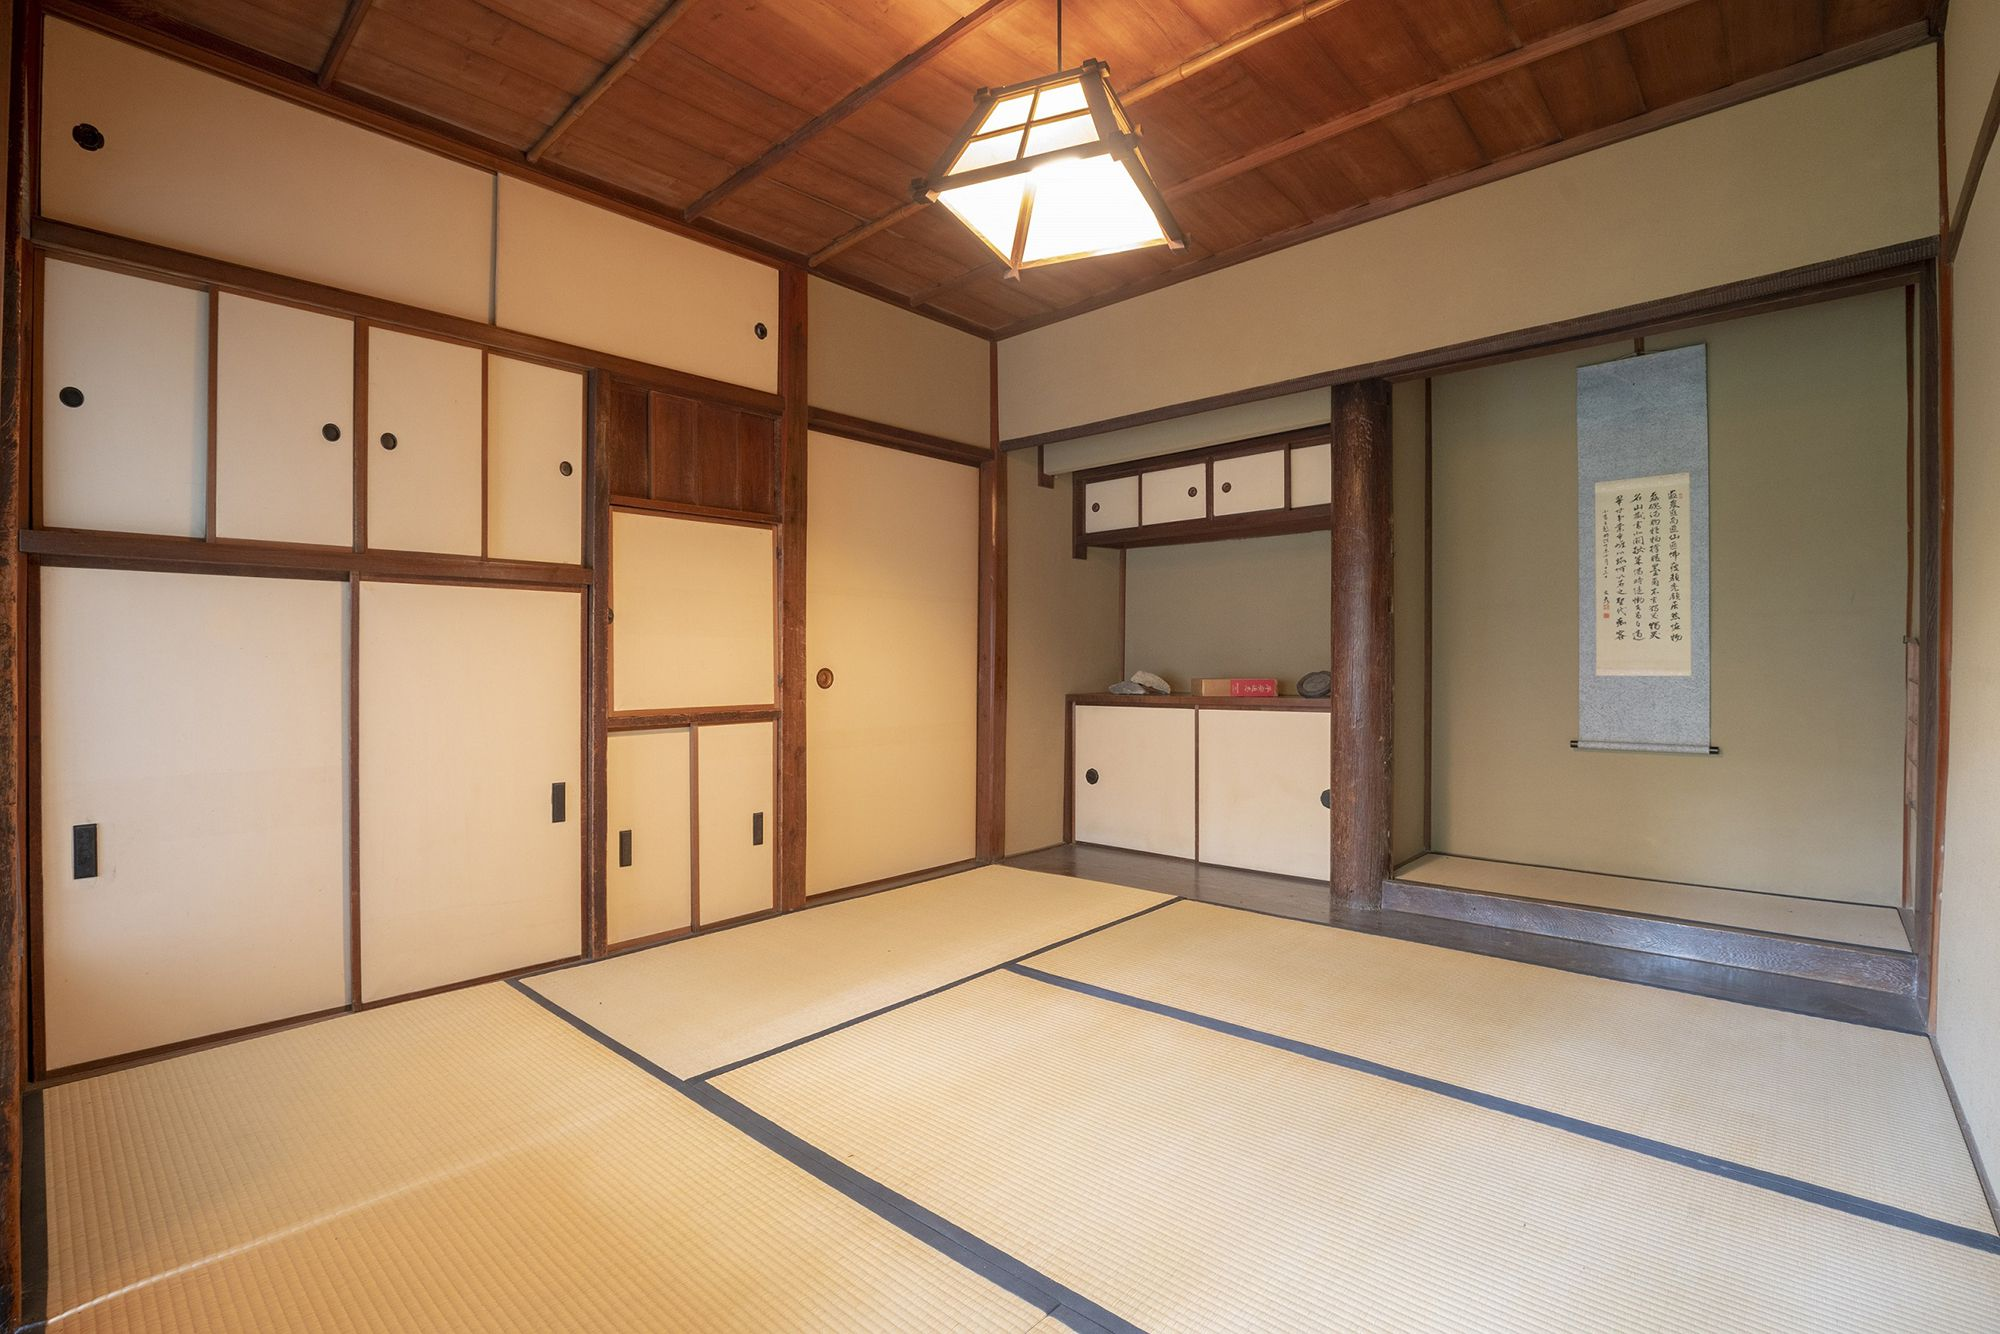 墨型を使った襖の引手や、浄瑠璃寺の古材を使った床柱など文人好みの座敷。